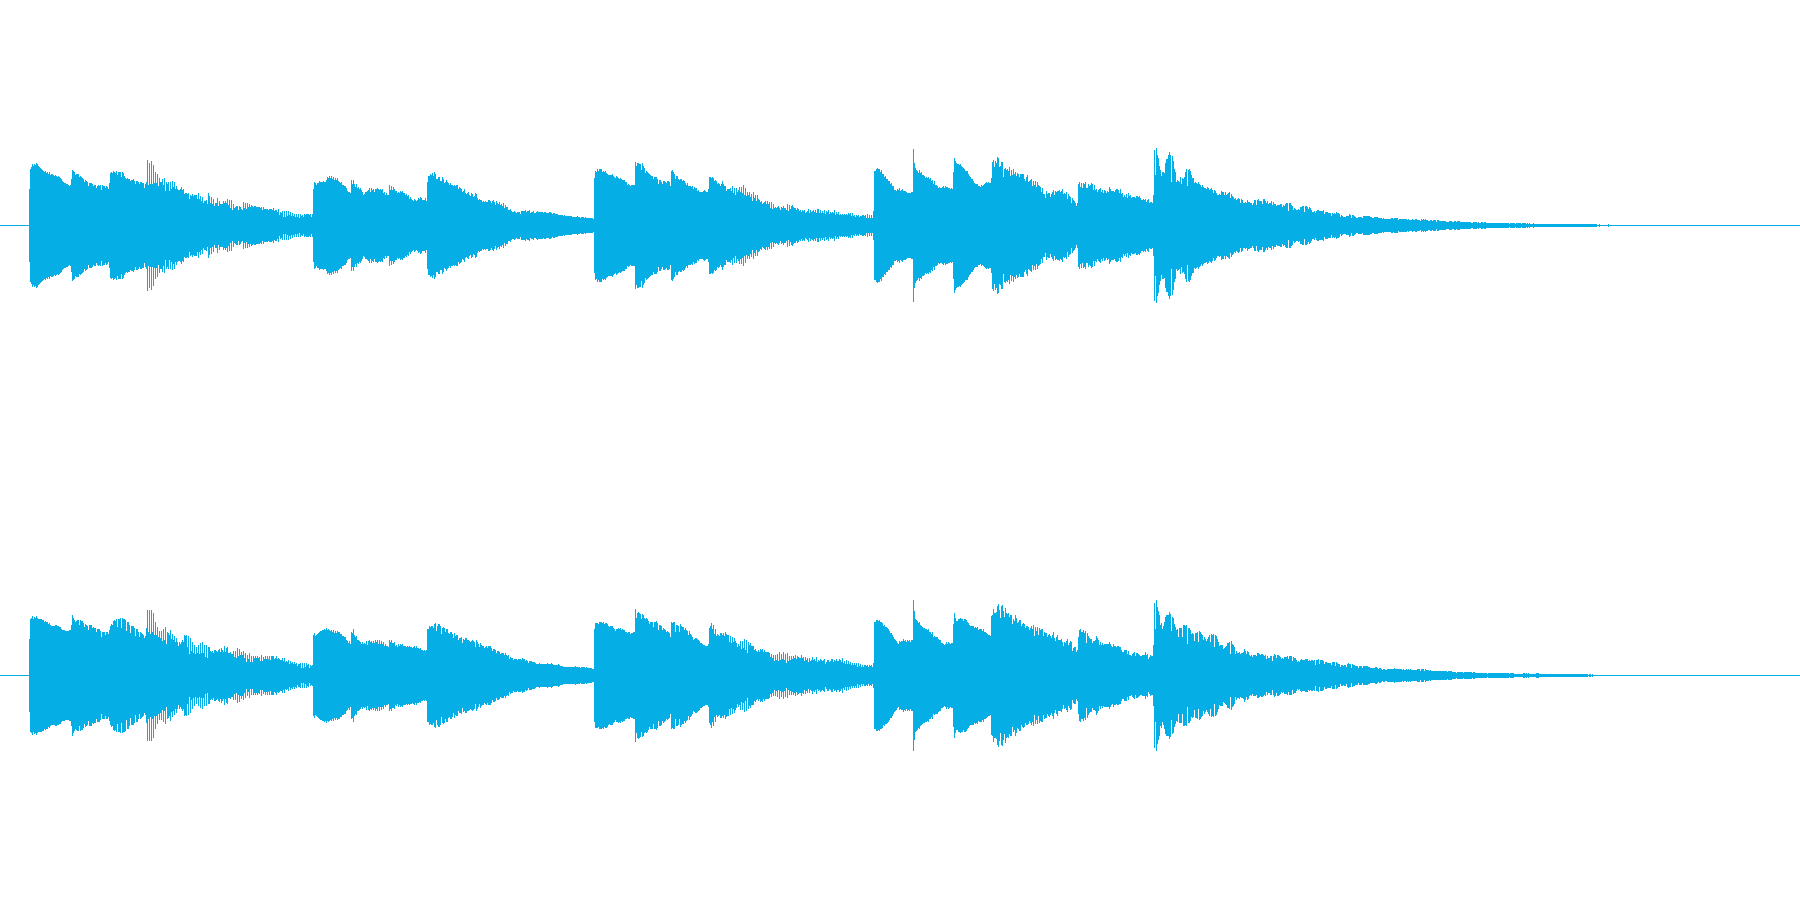 少し切ないオルゴール音_01の再生済みの波形